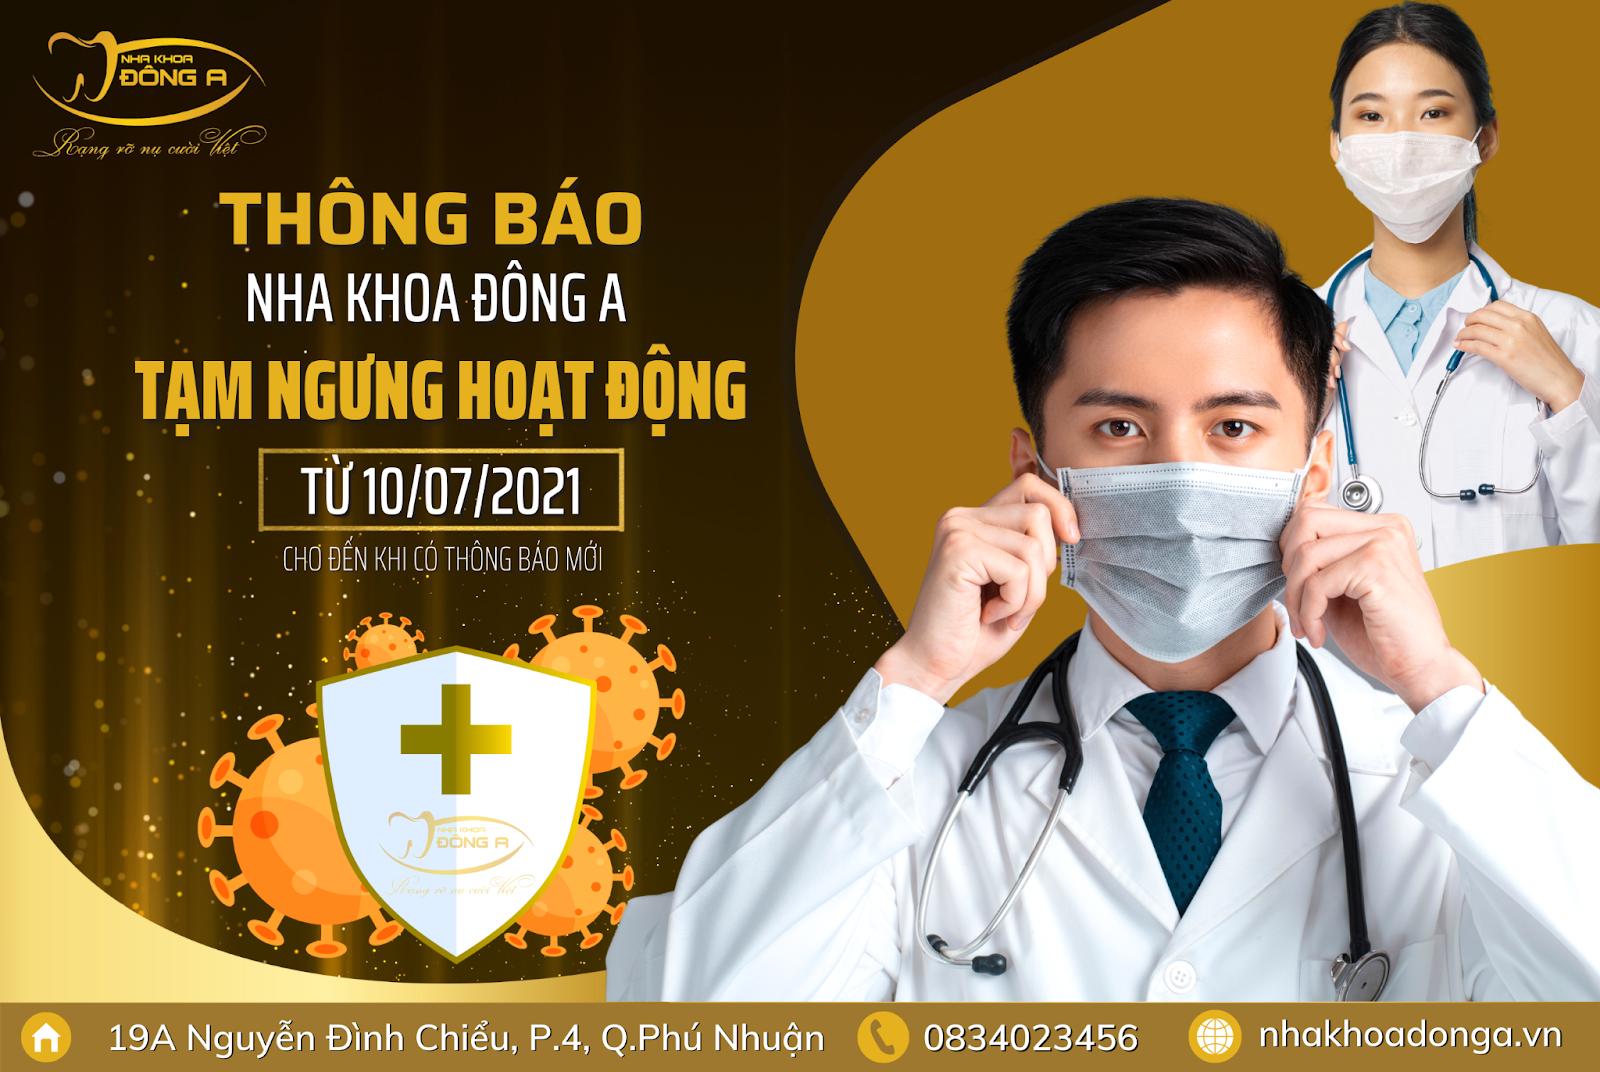 Ngung Hoat Dong Do Covid